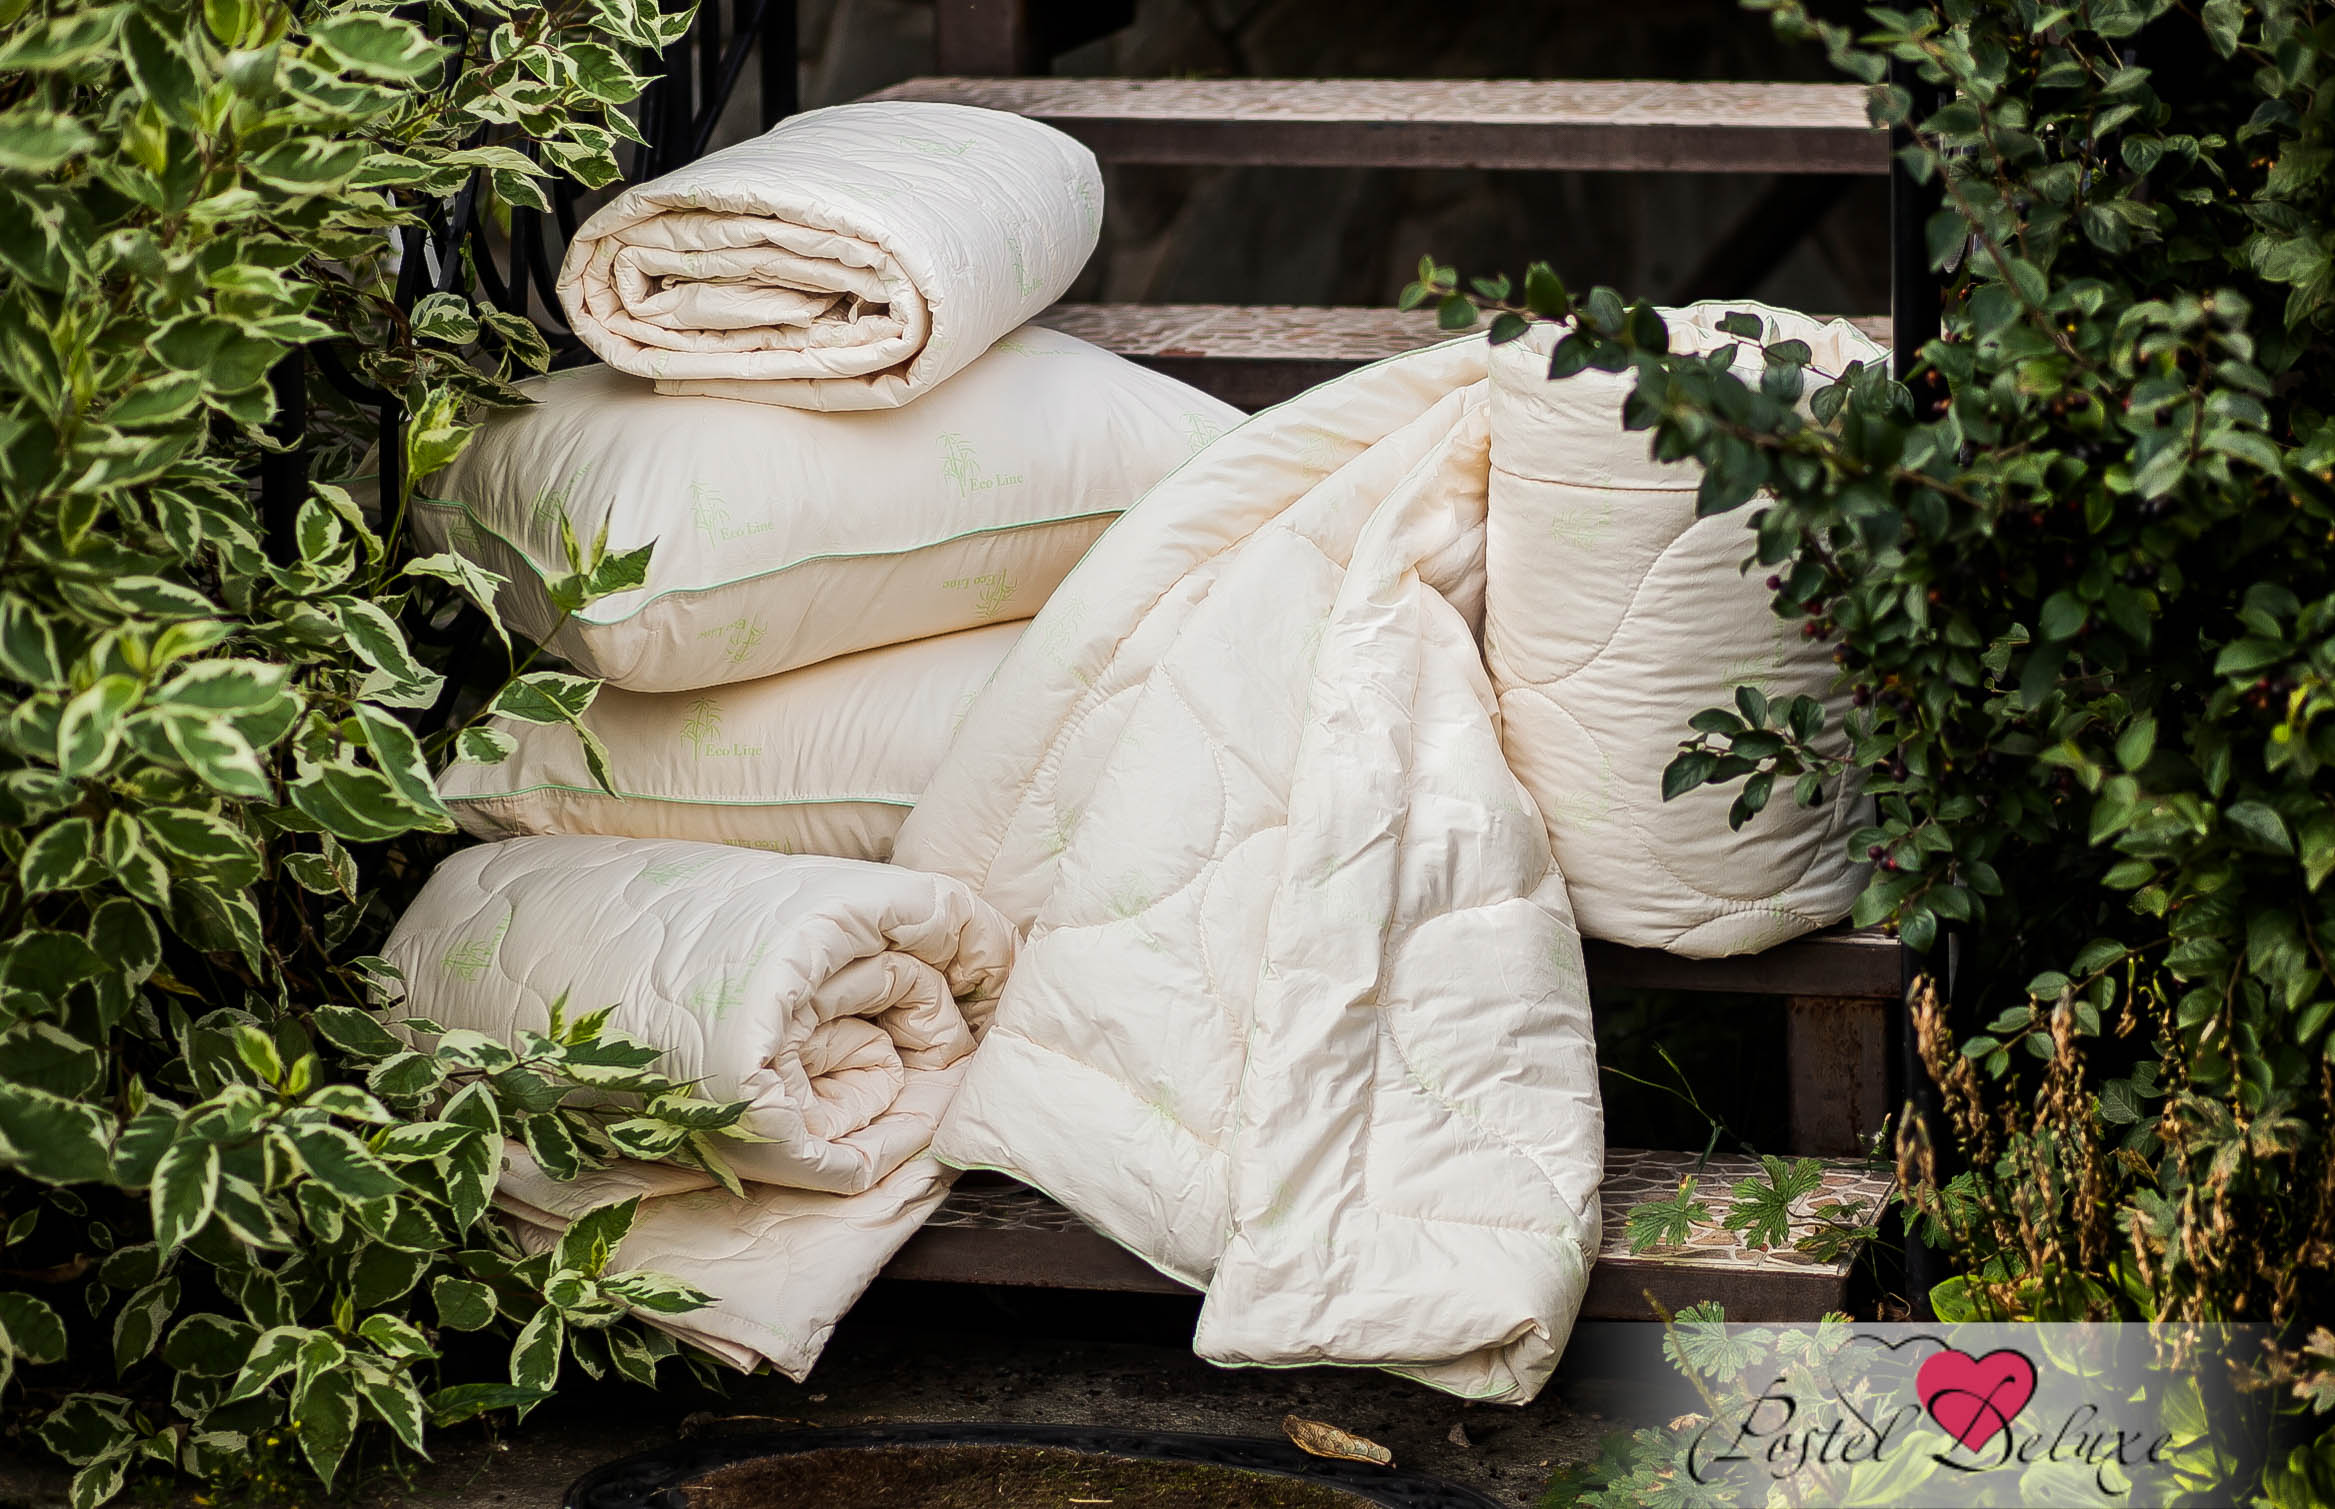 Одеяло La PrimaОдеяла<br>Одеяло стёганое лёгкое двуспальное (мал)<br>Размер: 170х205 см<br><br>Наполнитель: Бамбуковое волокно<br>Плотность наполнителя: 150 г/м2<br>Состав: 40% Бамбук, 60% Полиэфирное волокно<br><br>Материал чехла: Хлопковый тик<br>Состав: 100% Хлопок<br>Отделка: Кант<br><br>Производитель: La Prima<br>Страна производства: Россия<br>Тип Упаковки: Чемодан ПВХ<br><br>Тип: одеяло<br>Размерность комплекта: 2-спальное<br>Материал: Хлопковый тик<br>Размер наволочки: None<br>Подарочная упаковка: None<br>Для детей: нет<br>Ткань: Хлопковый тик<br>Цвет: Бежевый